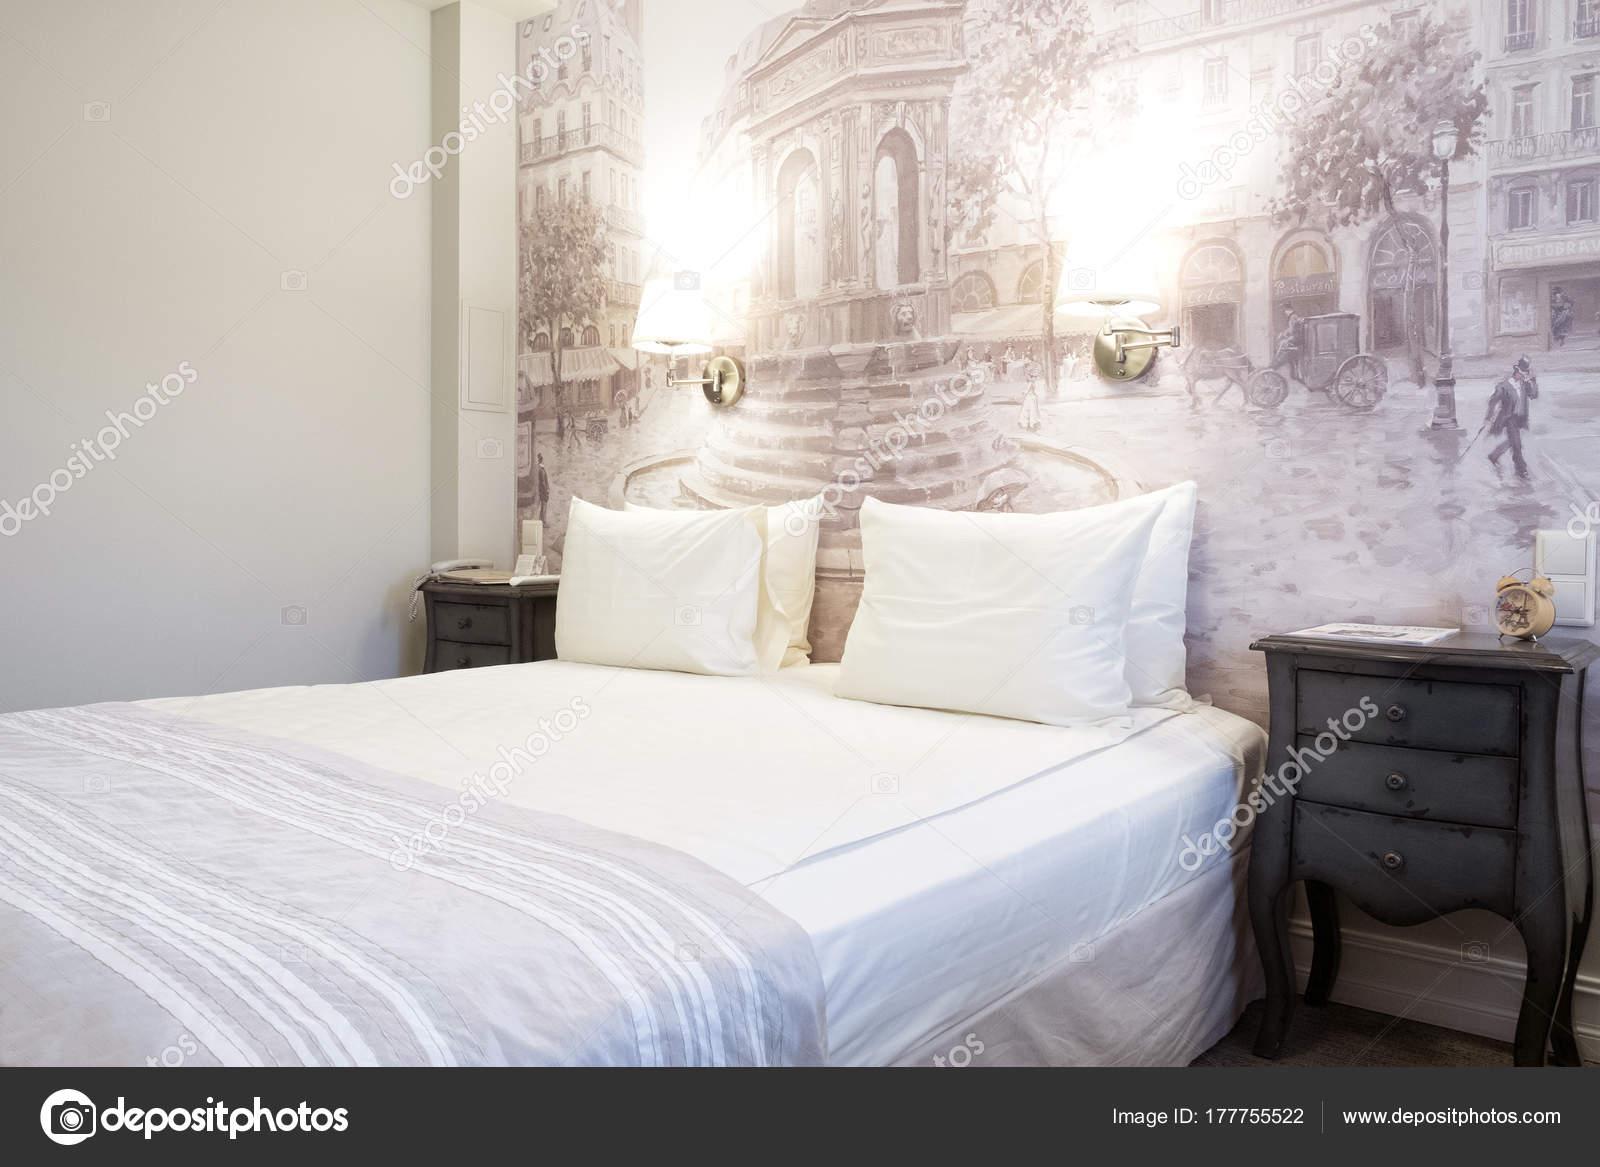 Luxus Modernen Japanischen Stil Schlafzimmer Interieur Aus Einem Hotel  Schlafzimmer U2014 Stockfoto